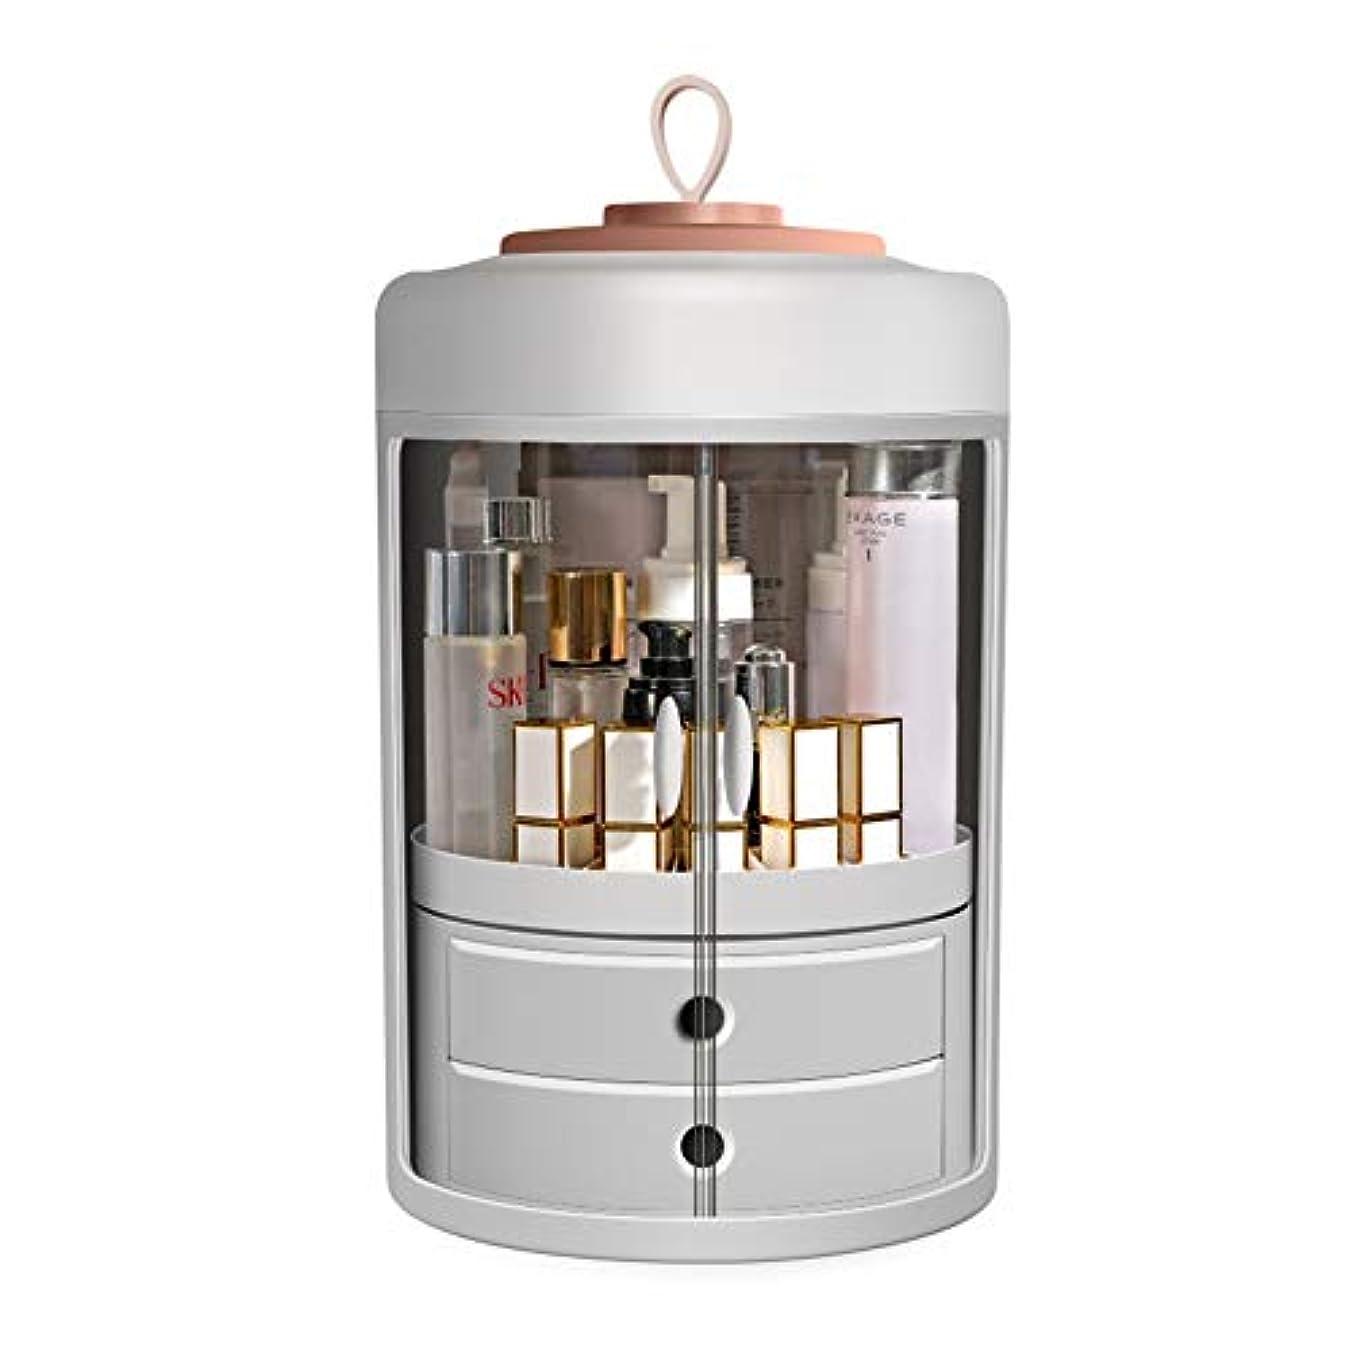 リングレット基礎きしむ化粧品収納 コスメ収納ボックス メイクケース 360度回転 防塵 防水 取っ手付き 旅行用 化粧ケース付き 二つ引き出し 透明